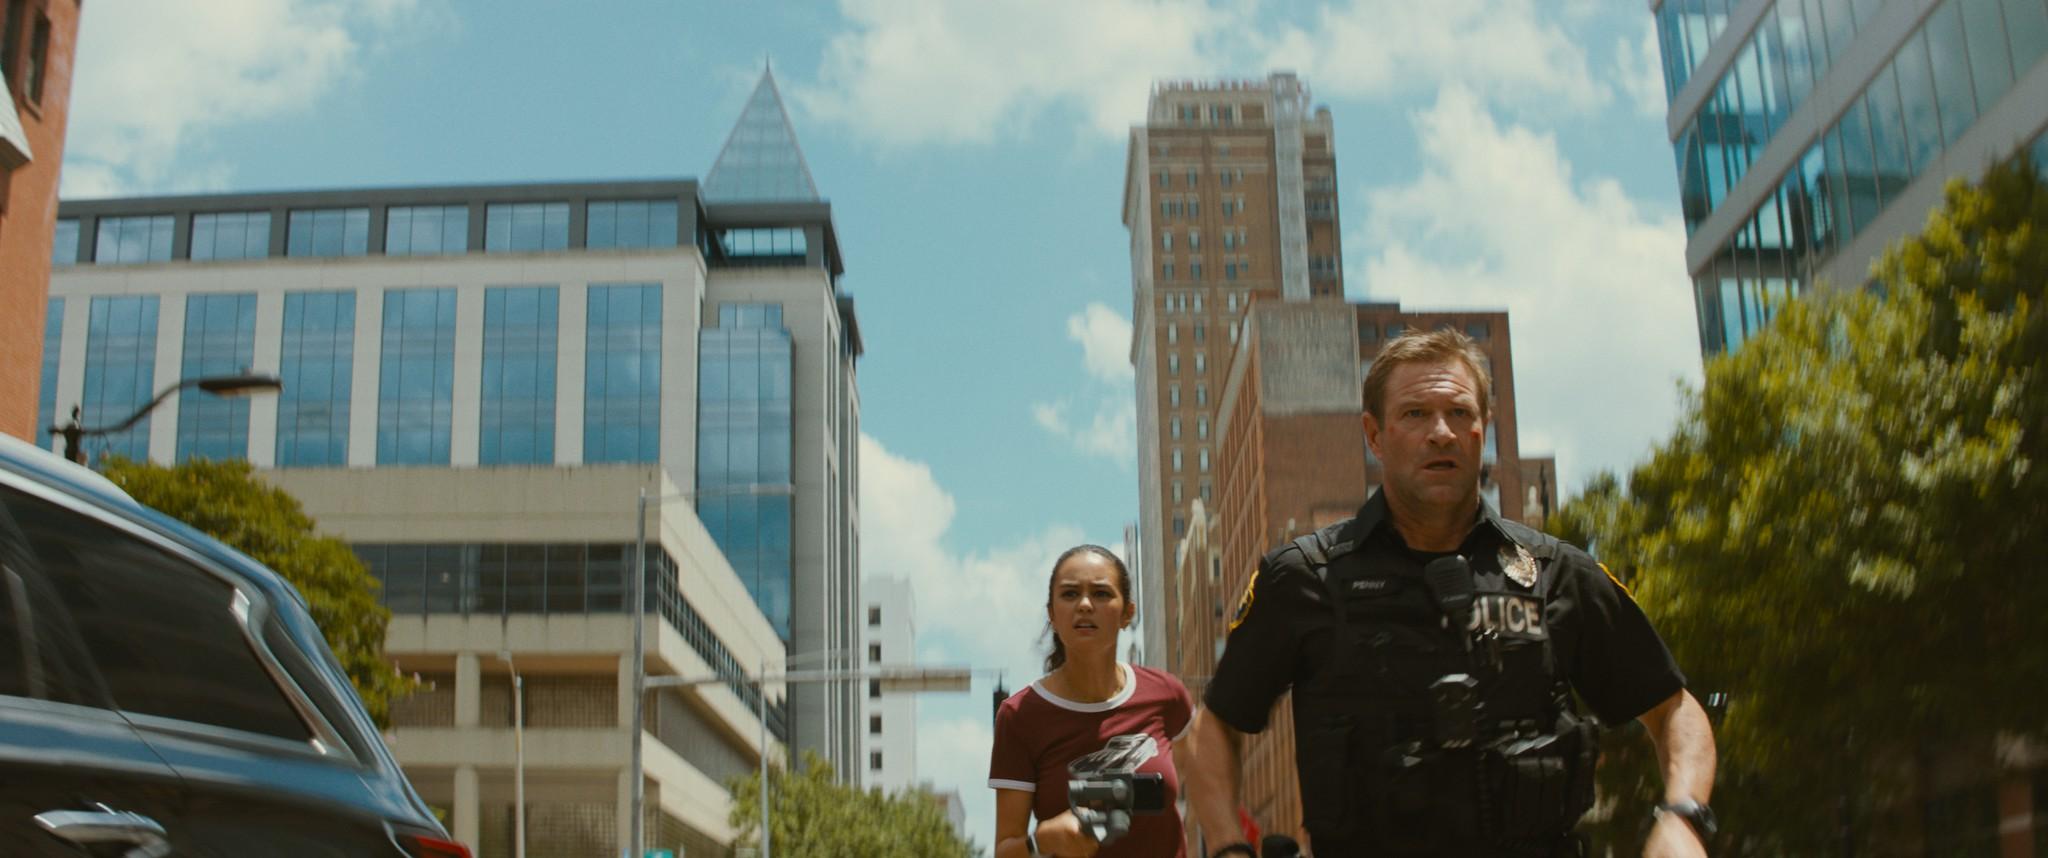 《全面攻佔:倒數救援》中扮演美國總統的亞倫艾克哈特,此次在動作強檔《絕命直播》中化身超猛警探